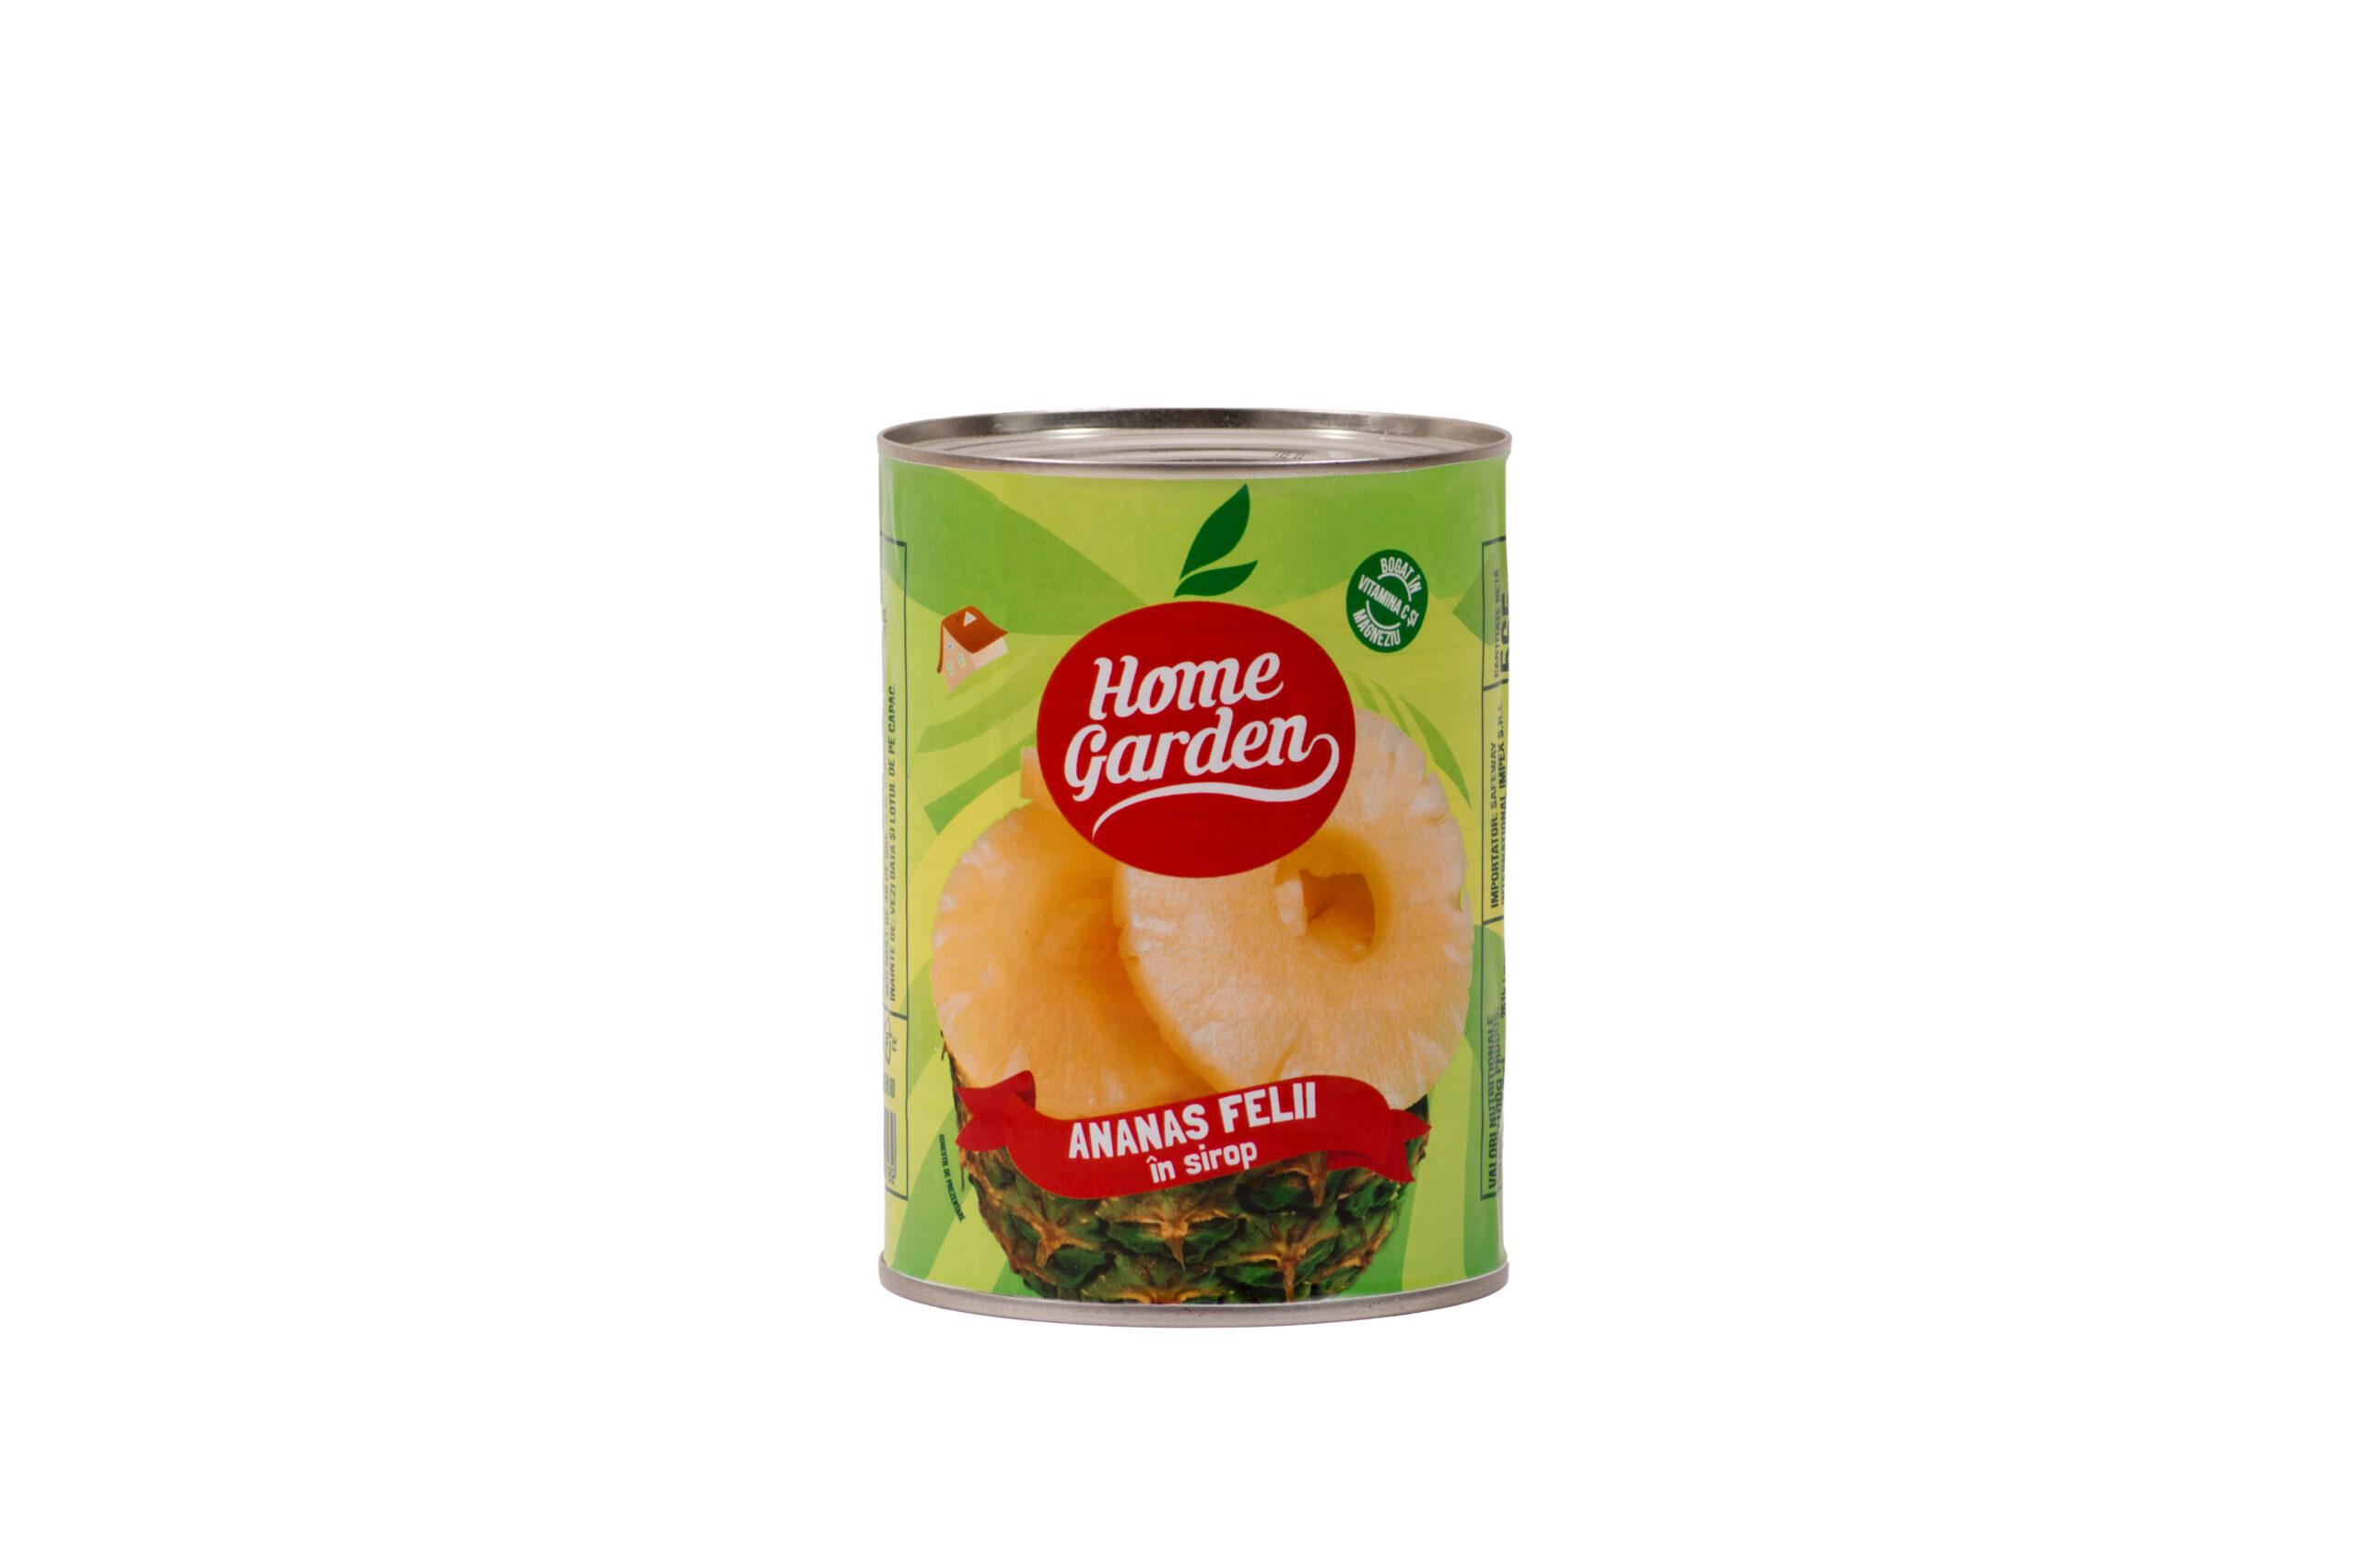 HOME GARDEN Ananas felii în sirop 565g